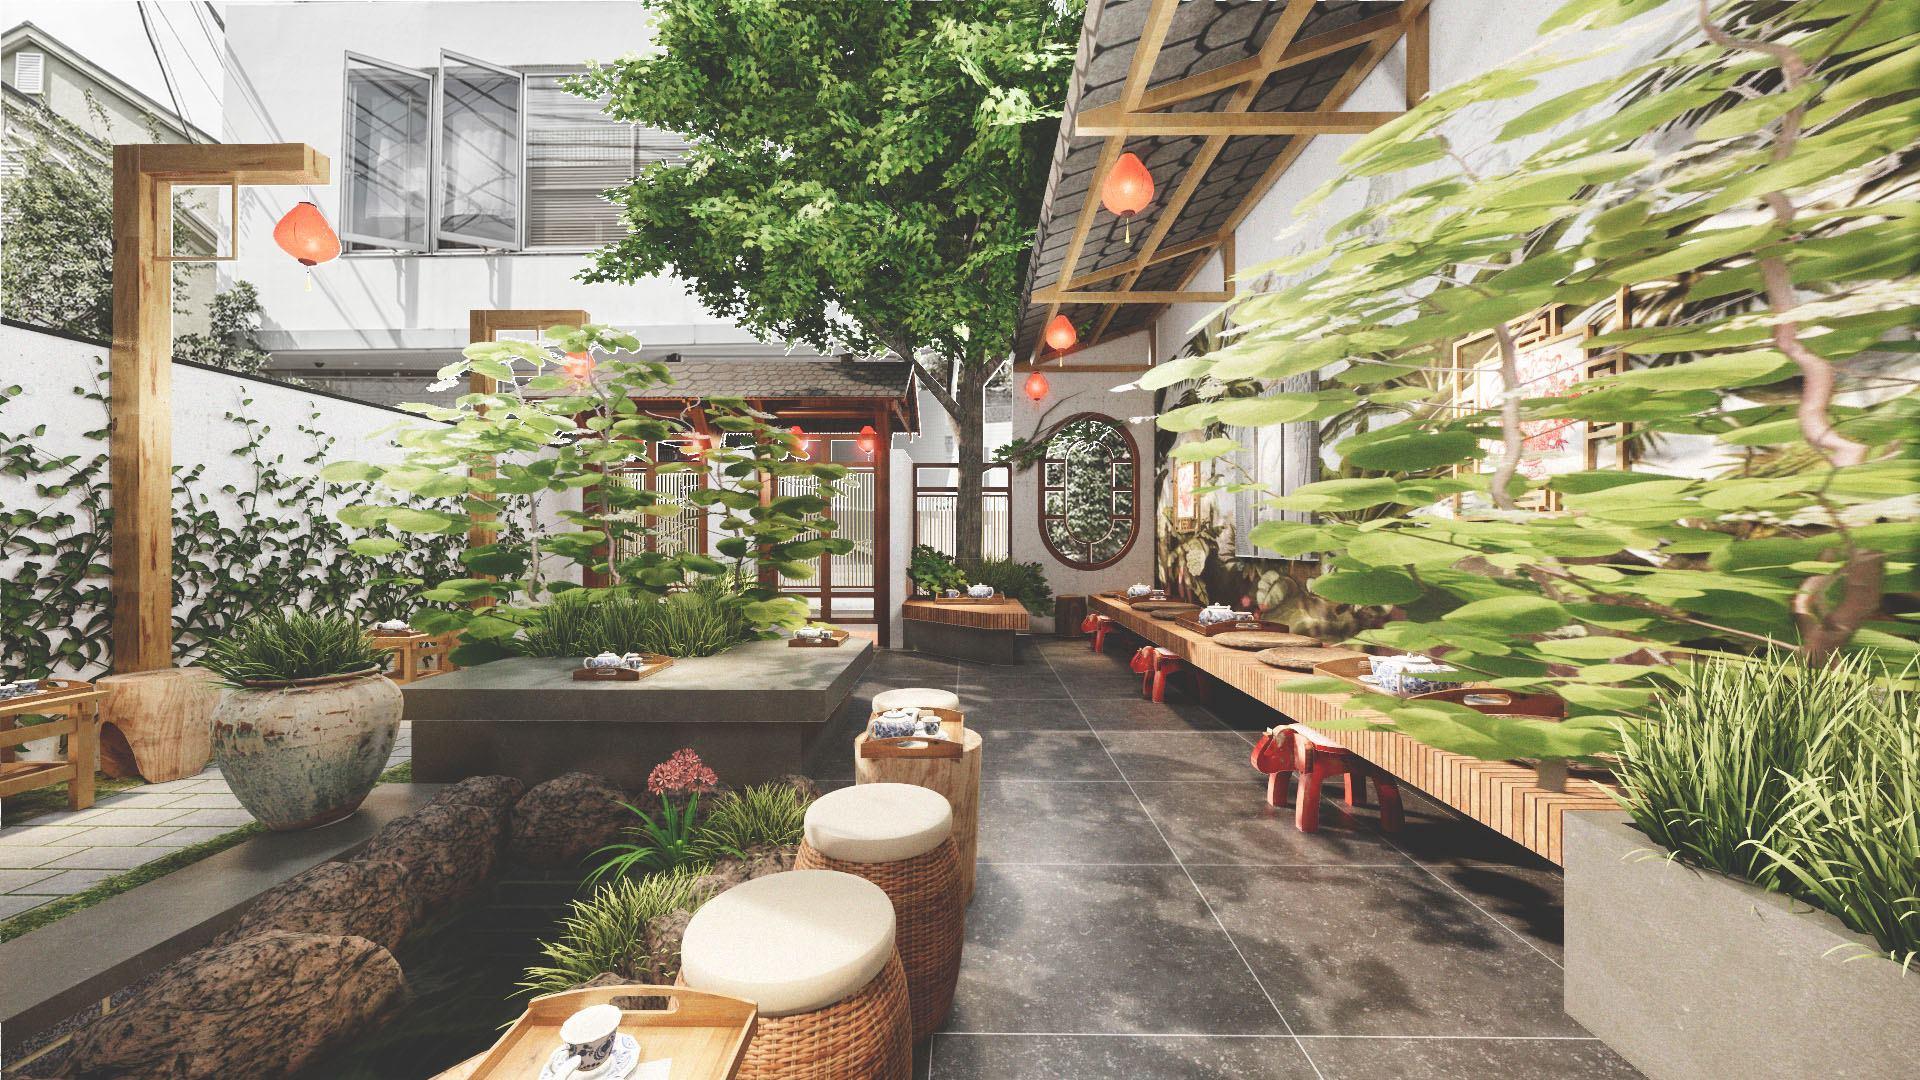 Thiết kế quán trà đạo đẹp với phong cách độc đáo